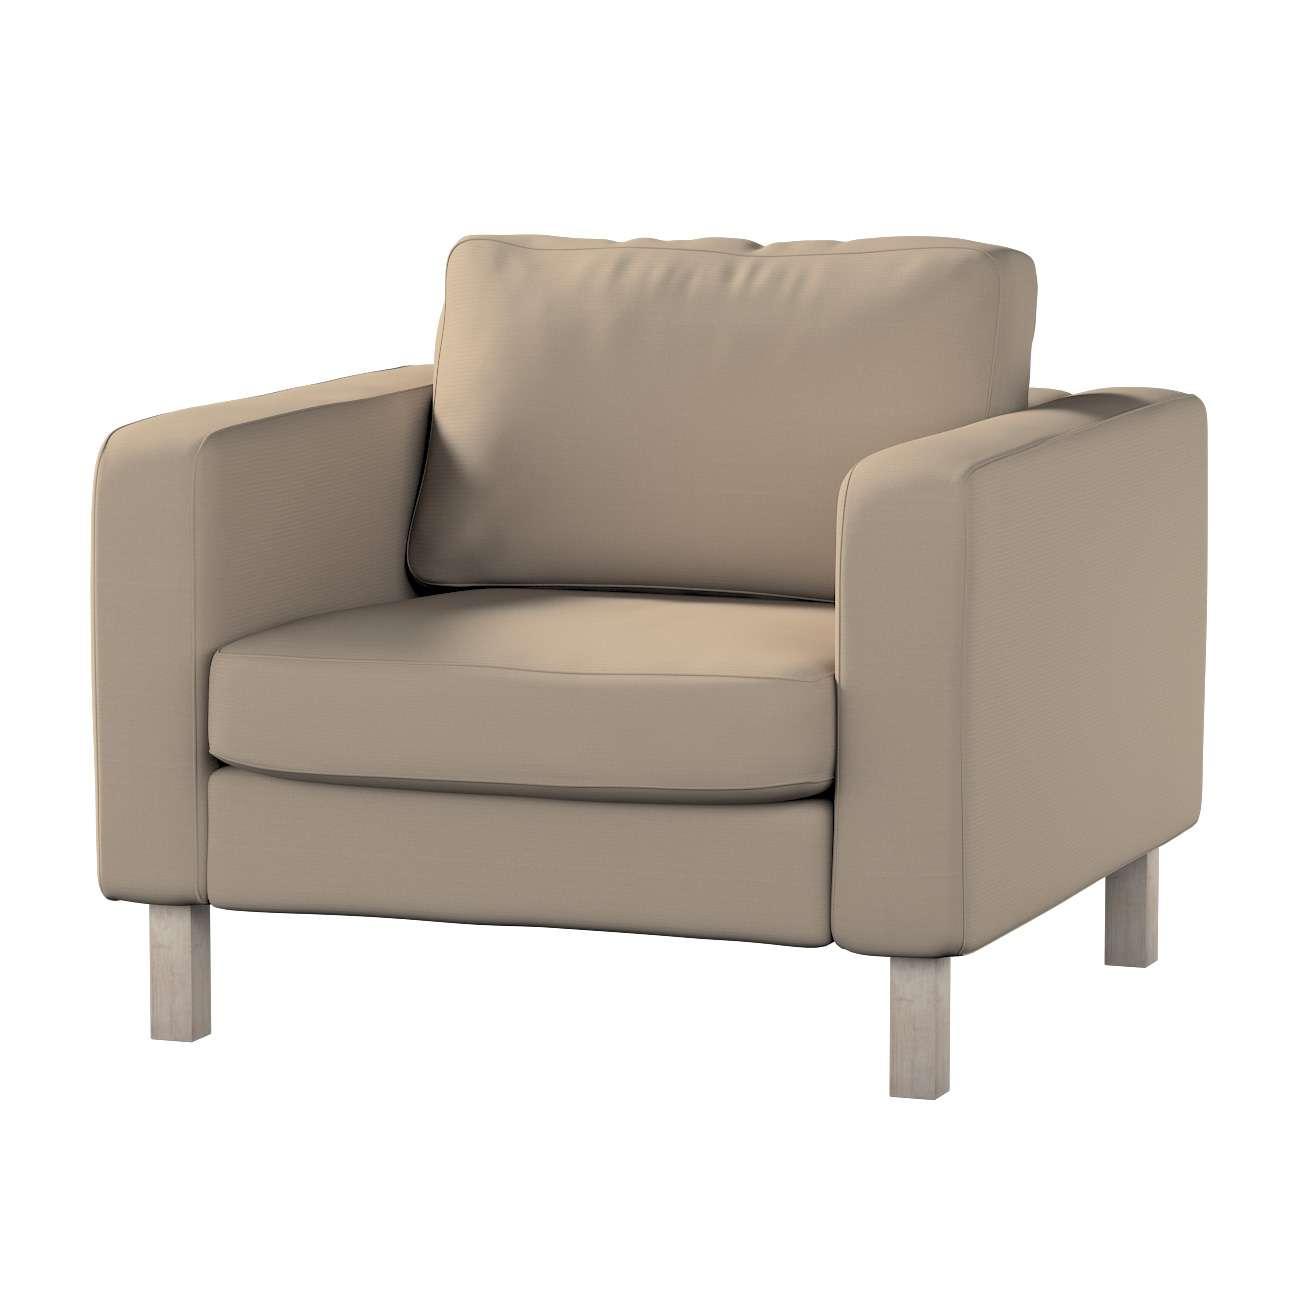 Pokrowiec na fotel Karlstad, krótki w kolekcji Cotton Panama, tkanina: 702-28